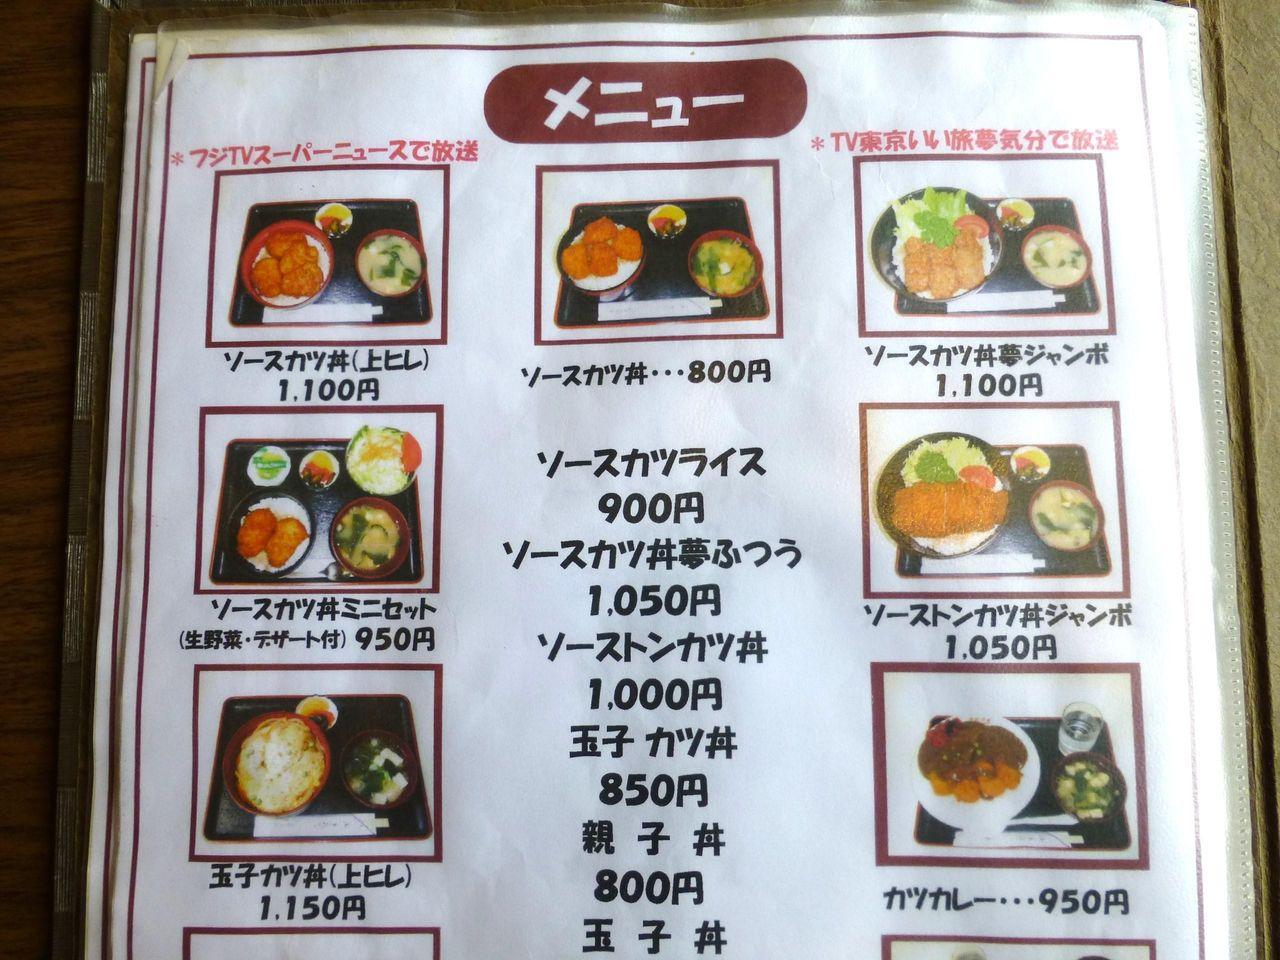 藤屋食堂のメニュー(25年9月現在)